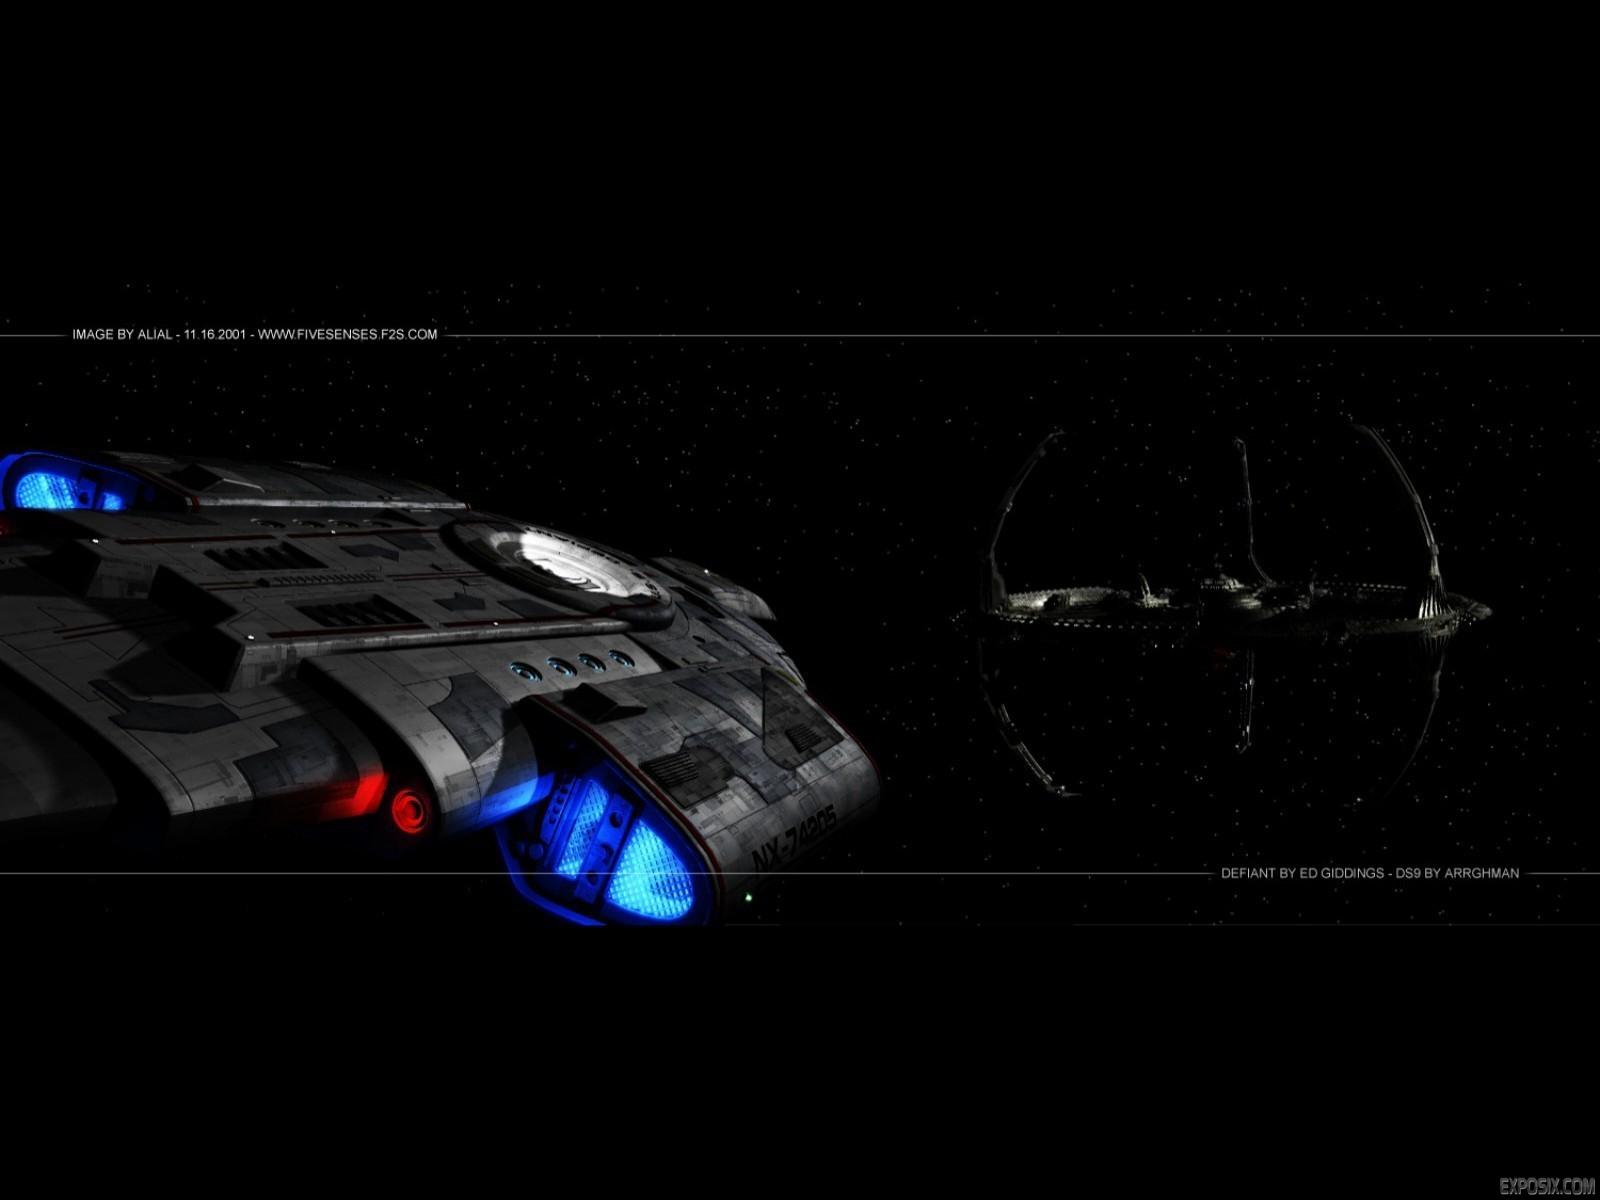 startrekwallpaper star trek star trek online uhura star trek star 1600x1200